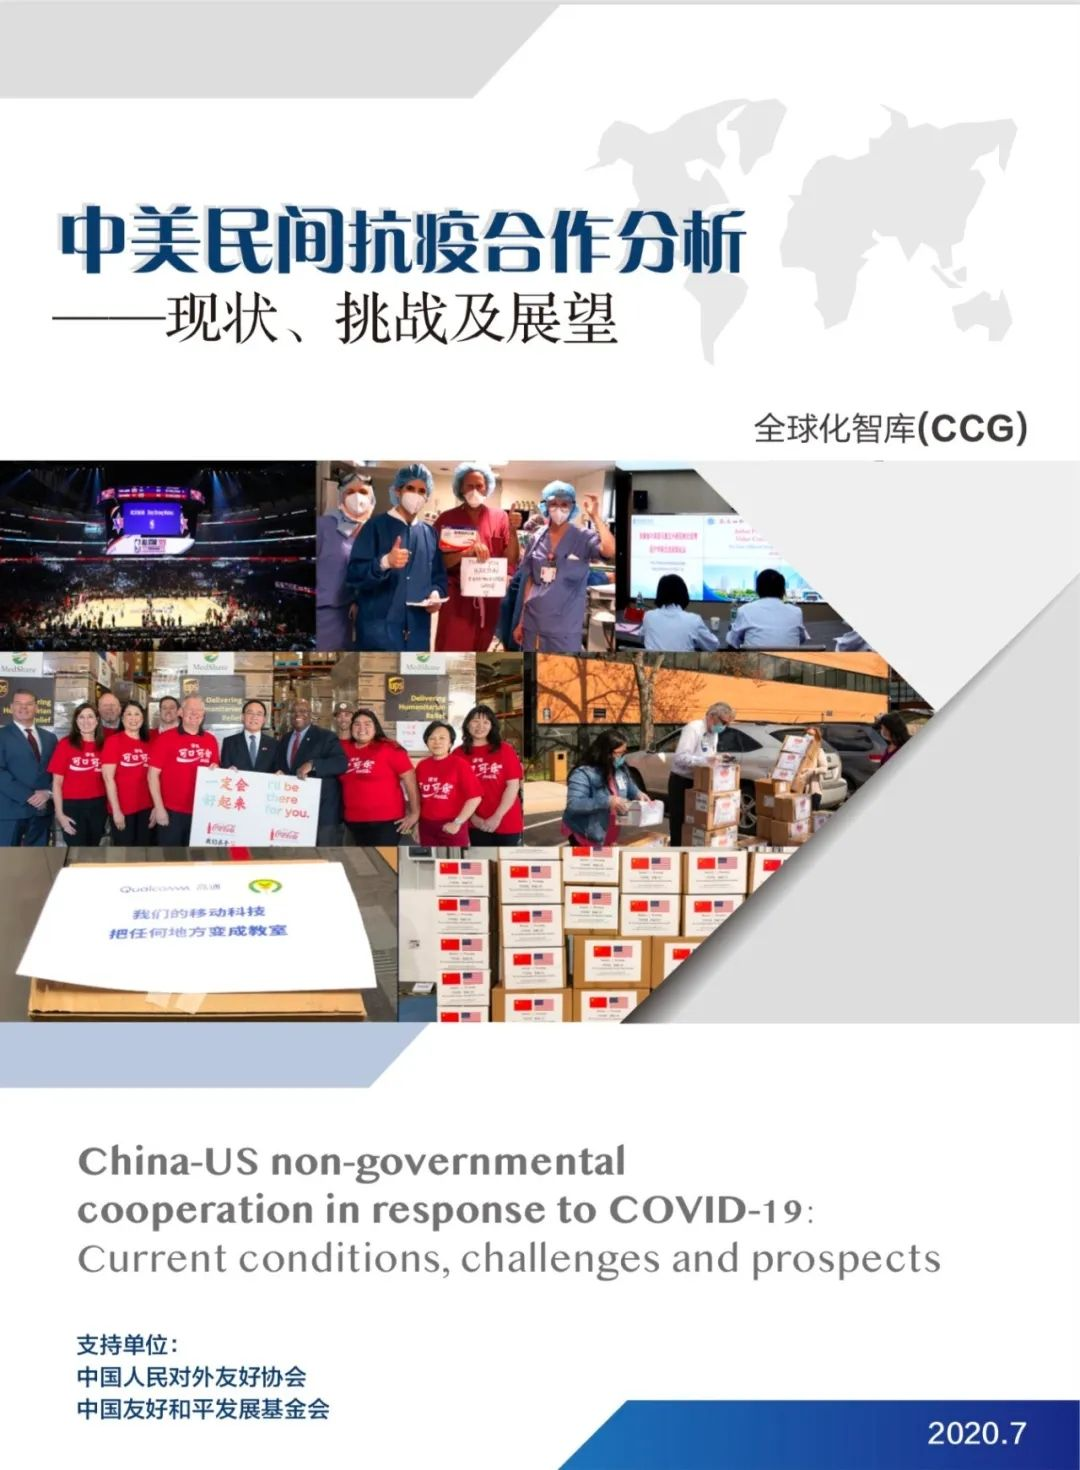 王辉耀:推动中美合作 民间力量大有可为